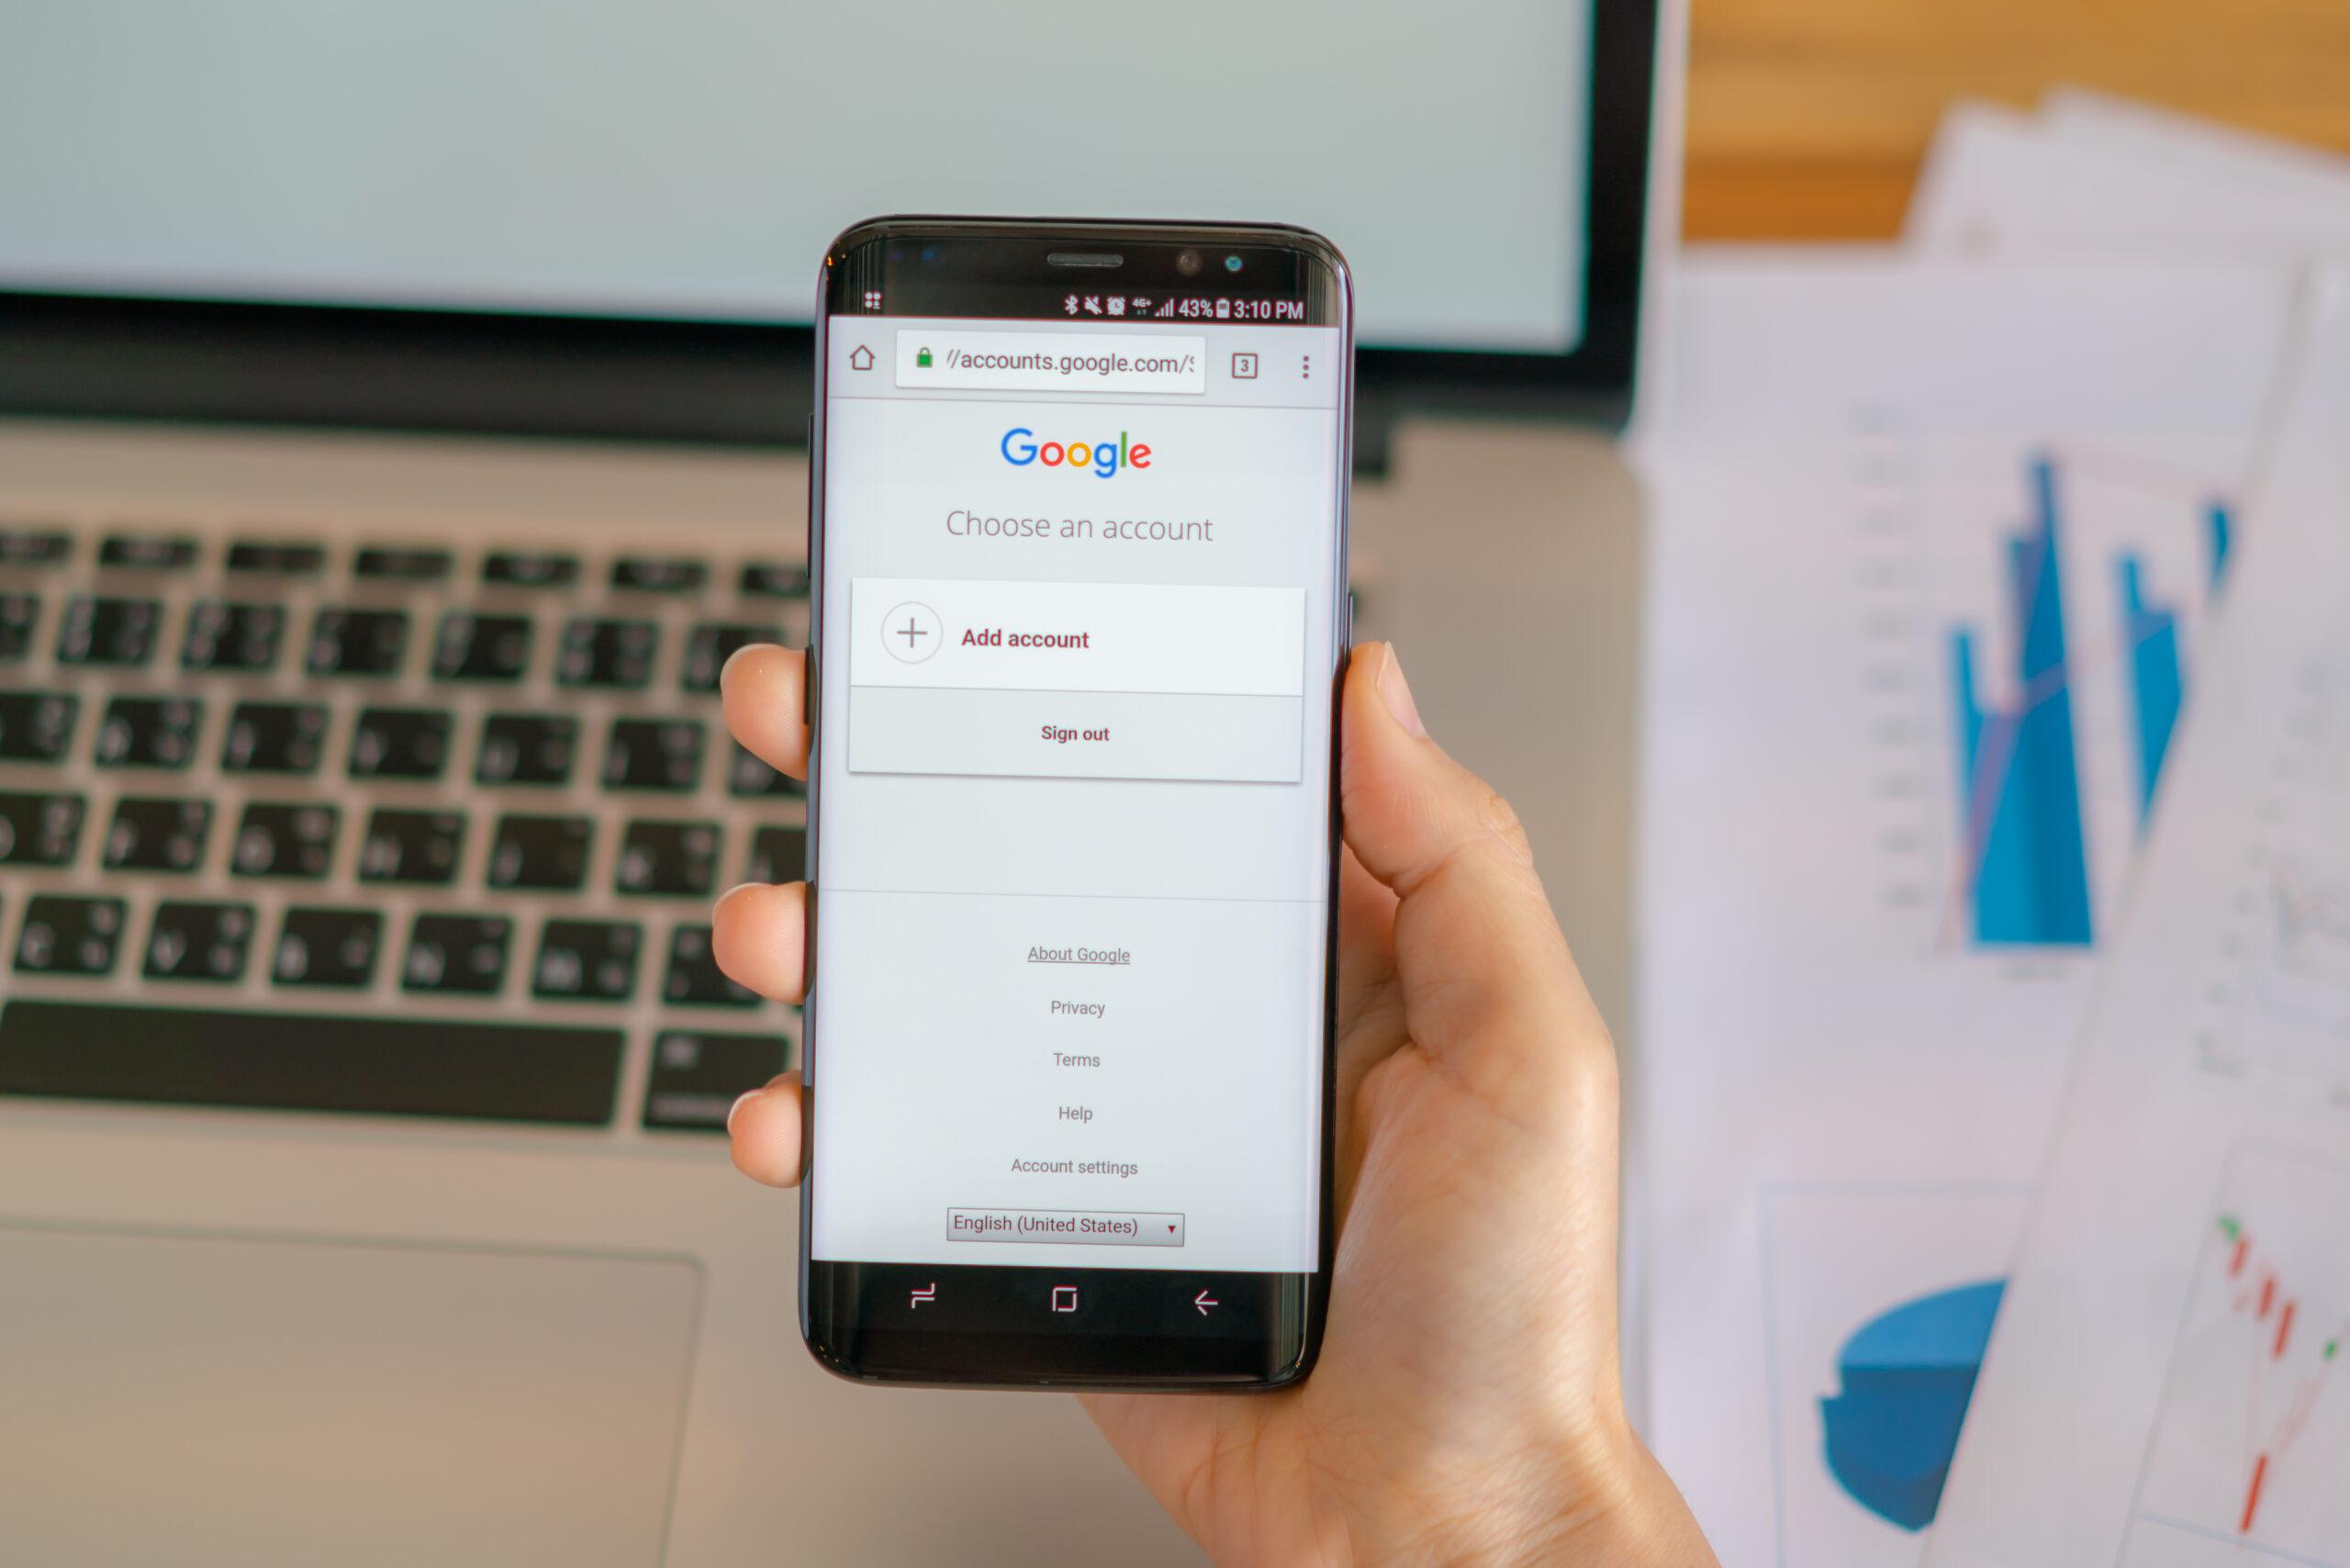 Fin de las imágenes pixeladas, Google lanza la nueva herramienta de IA para transformarlas en HD